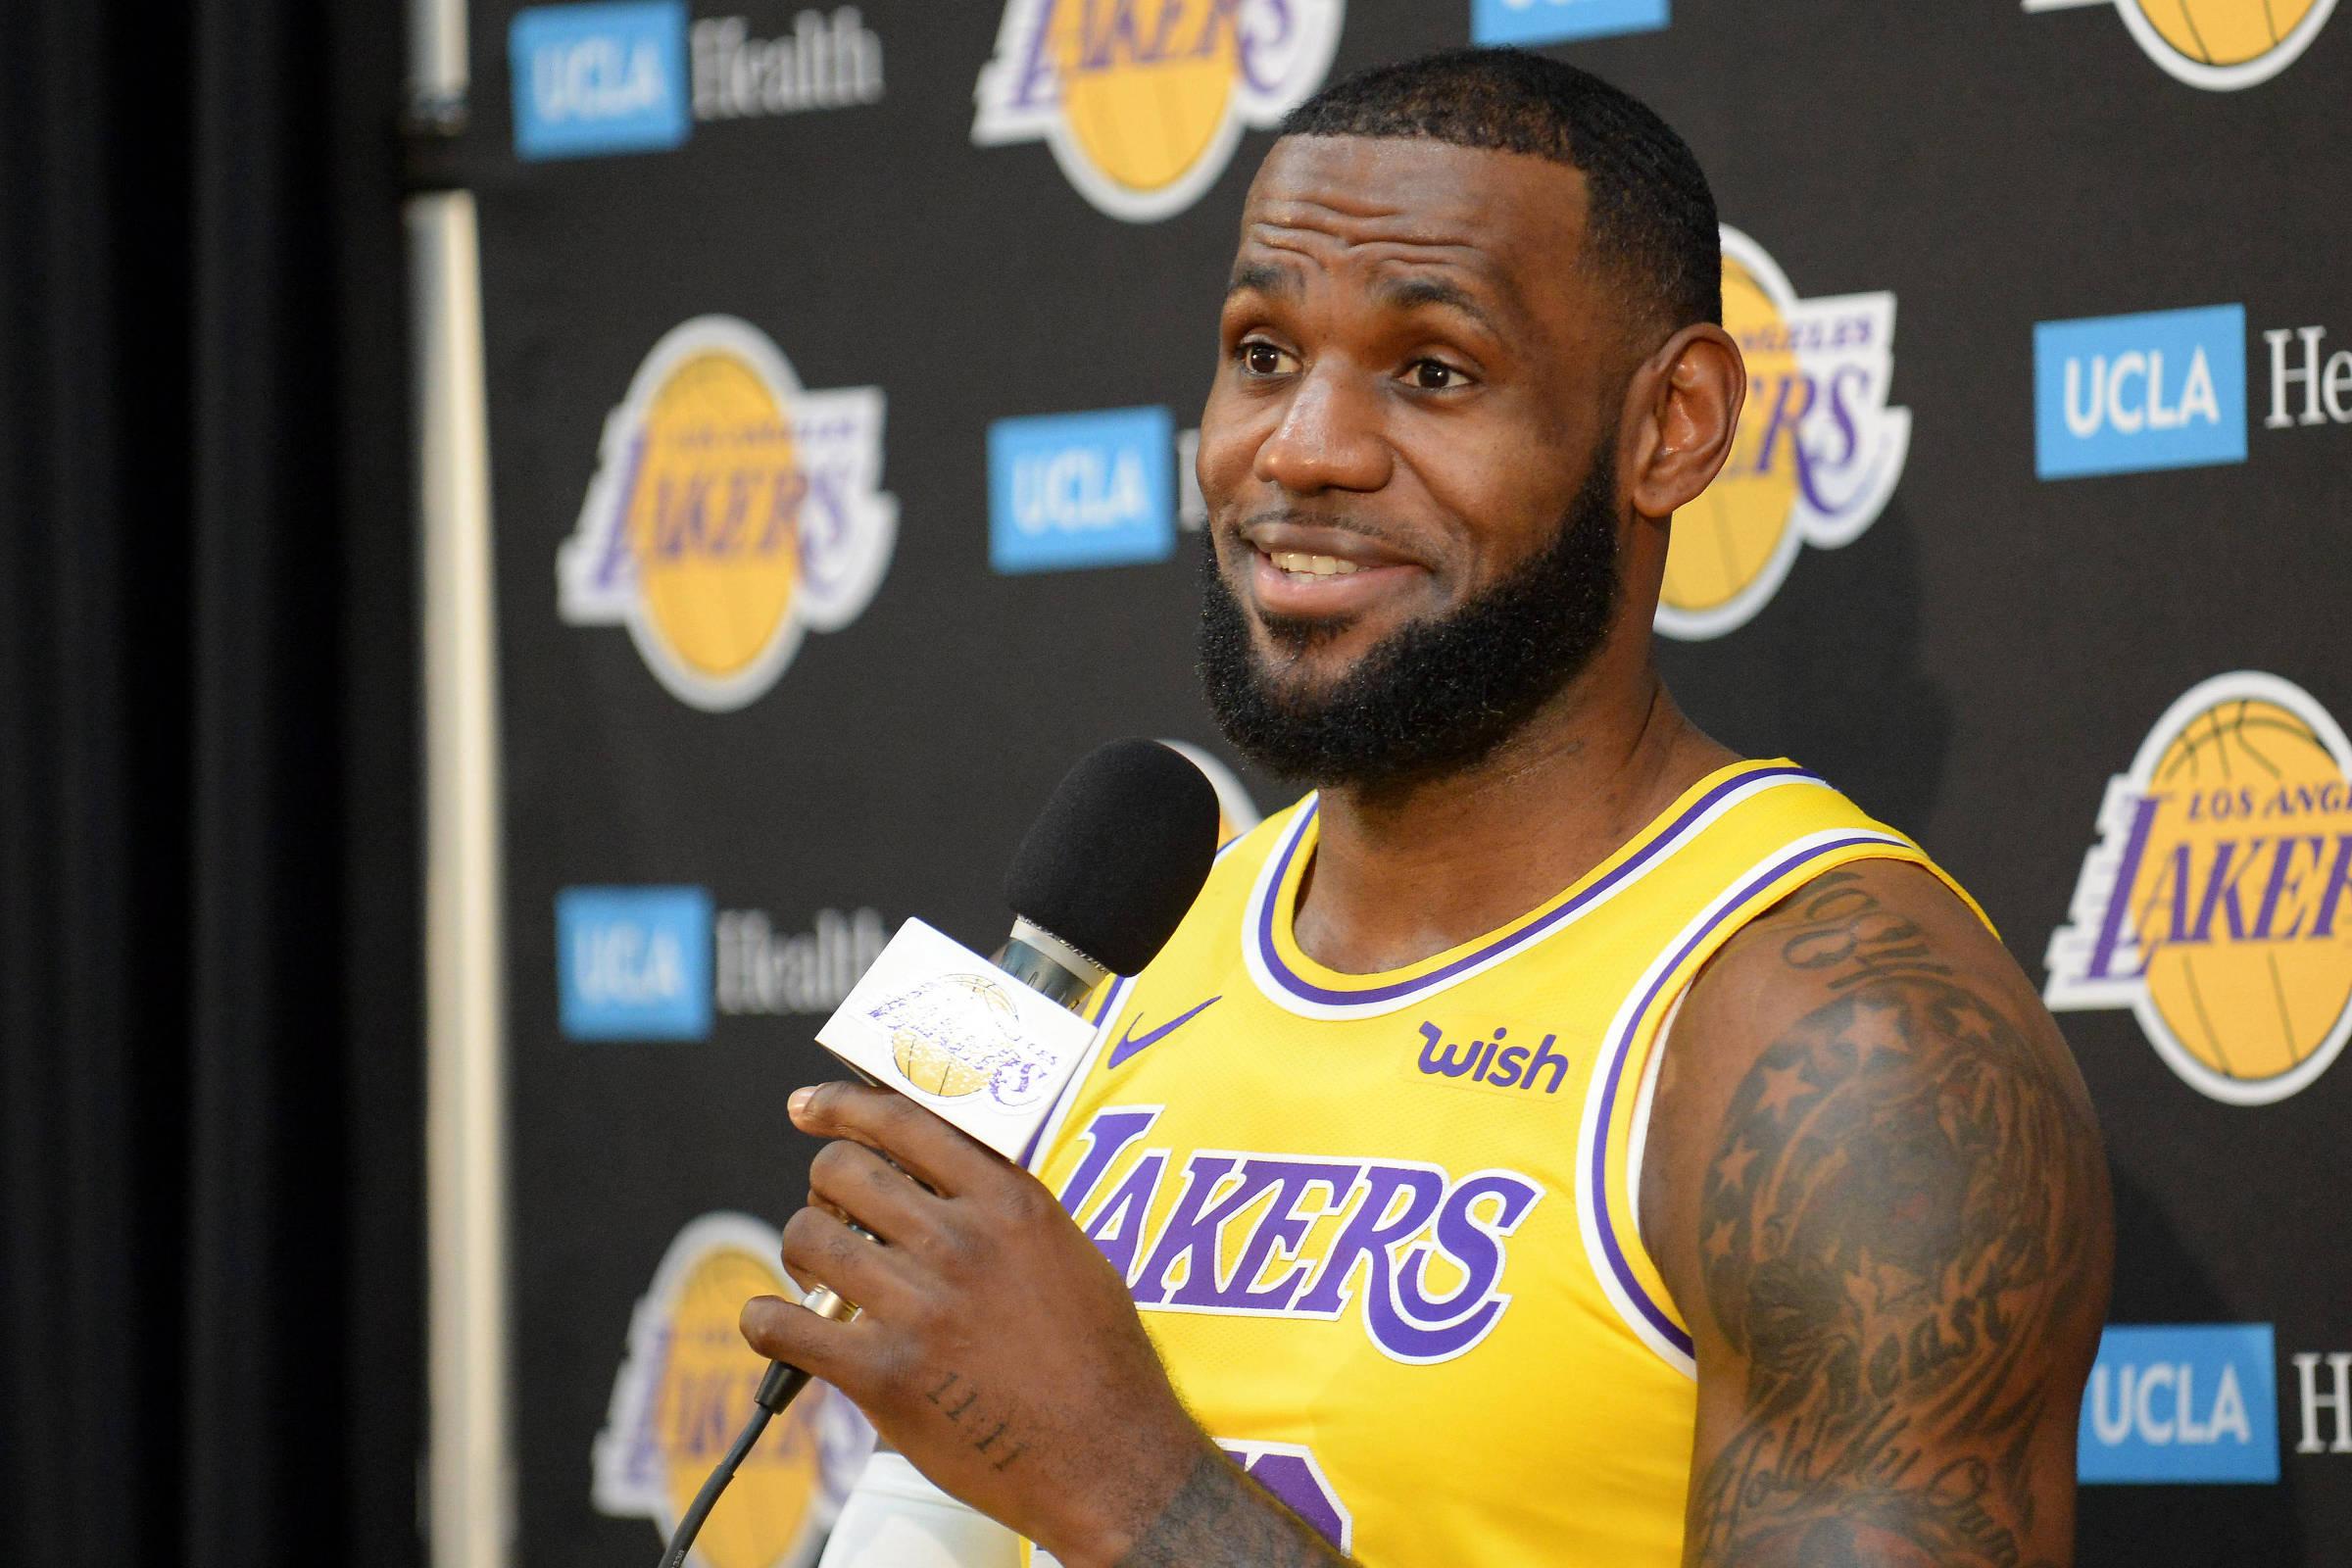 58090121e Presença de LeBron James nos Lakers ainda causa estranheza - 26 09 2018 -  Esporte - Folha